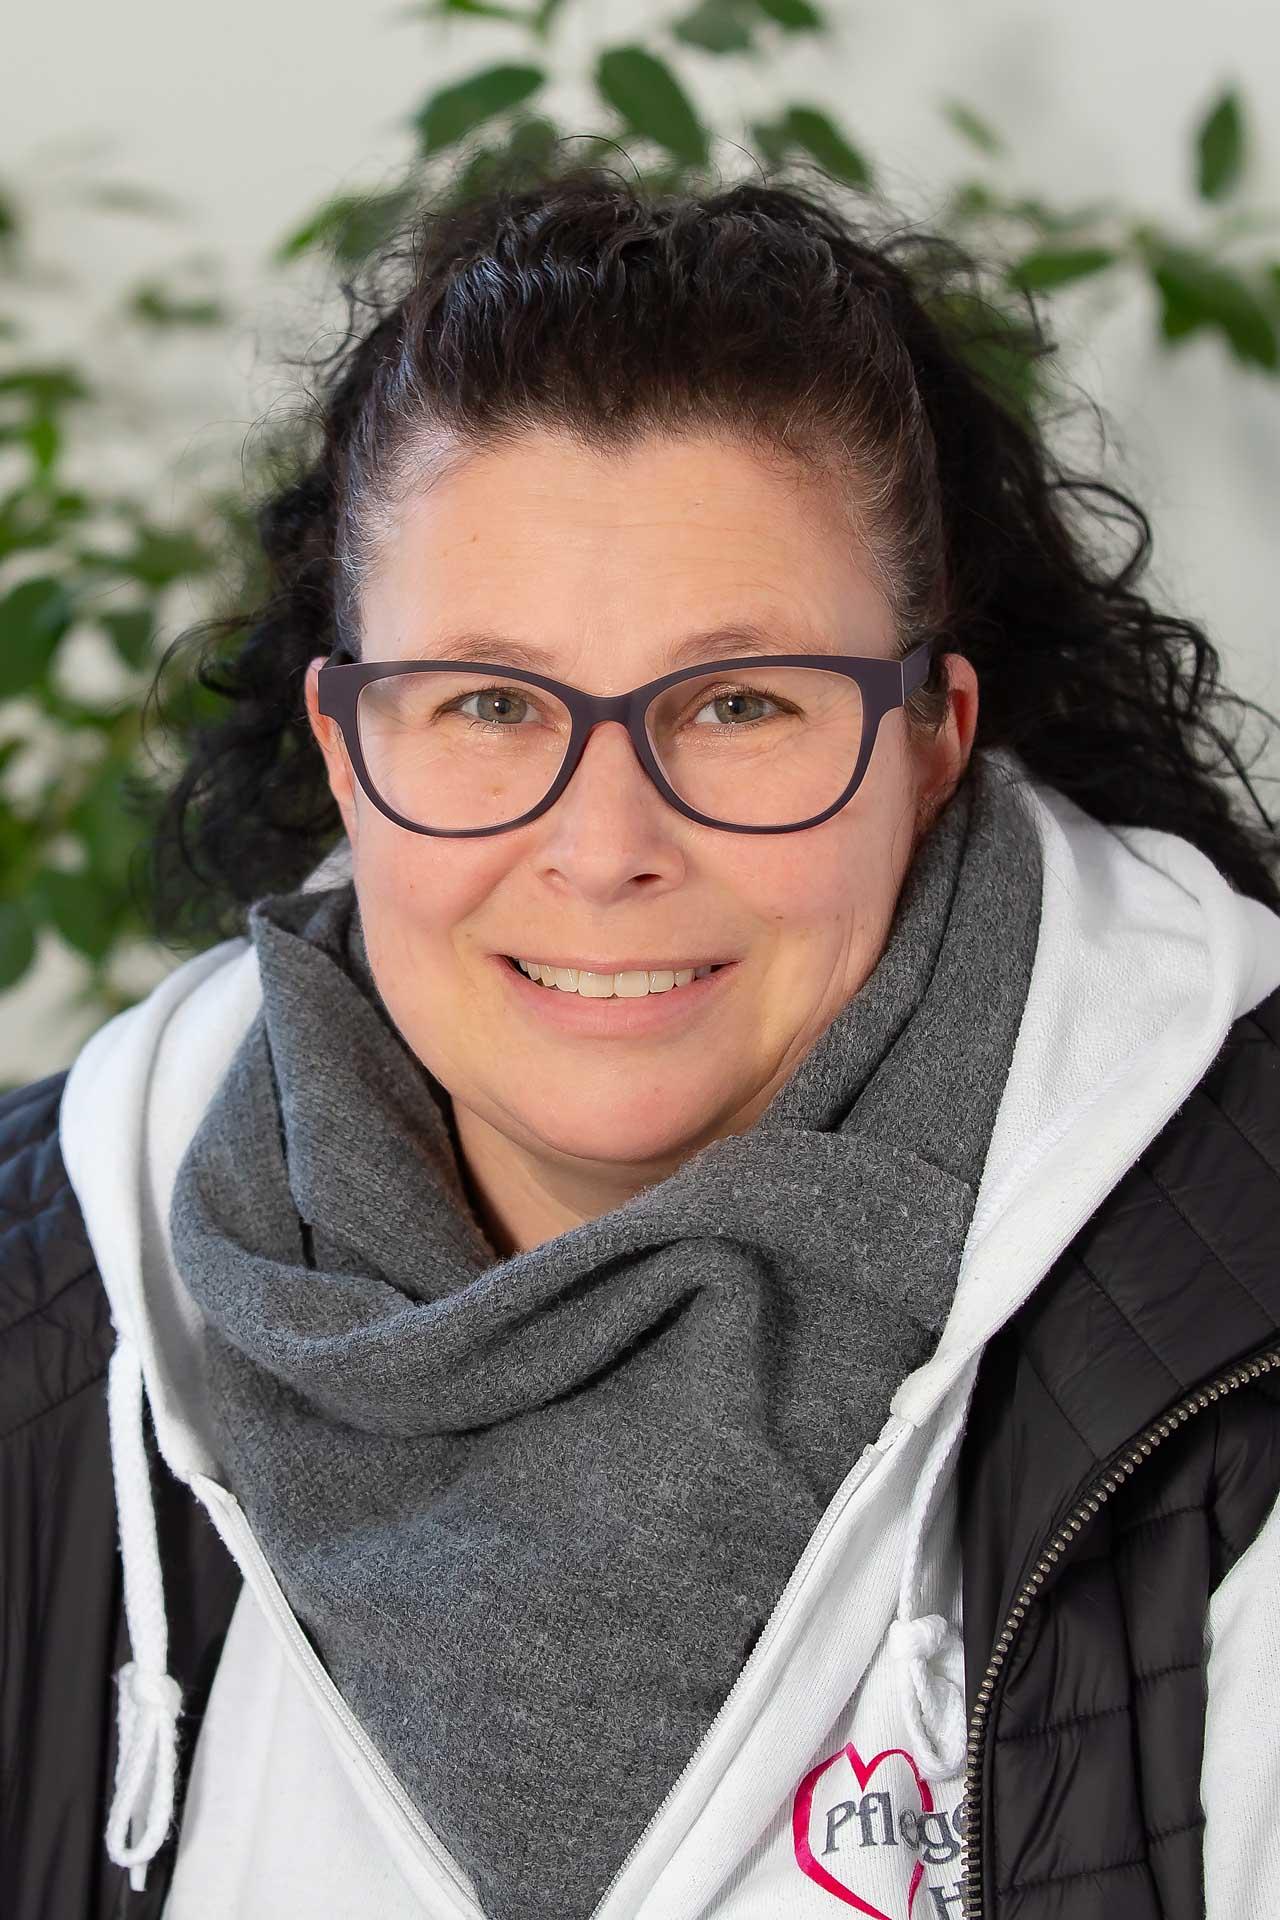 Britta Michelewitz